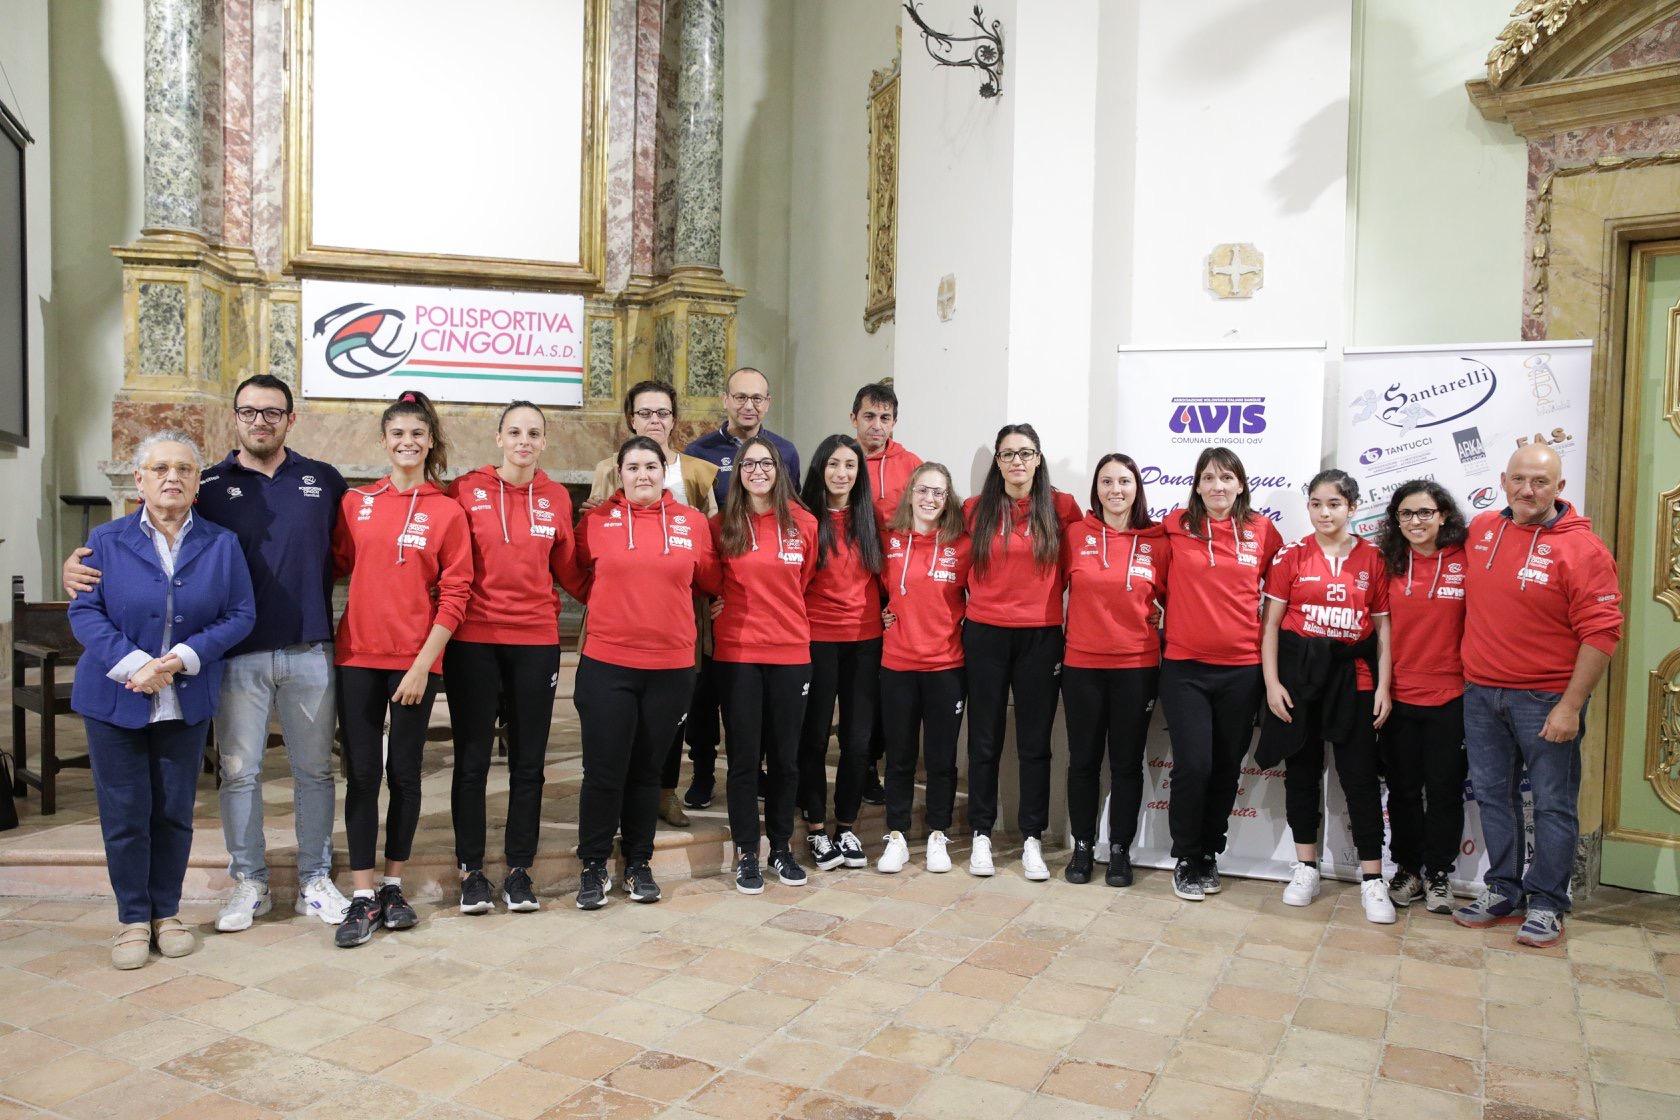 Polisportiva Cingoli 02